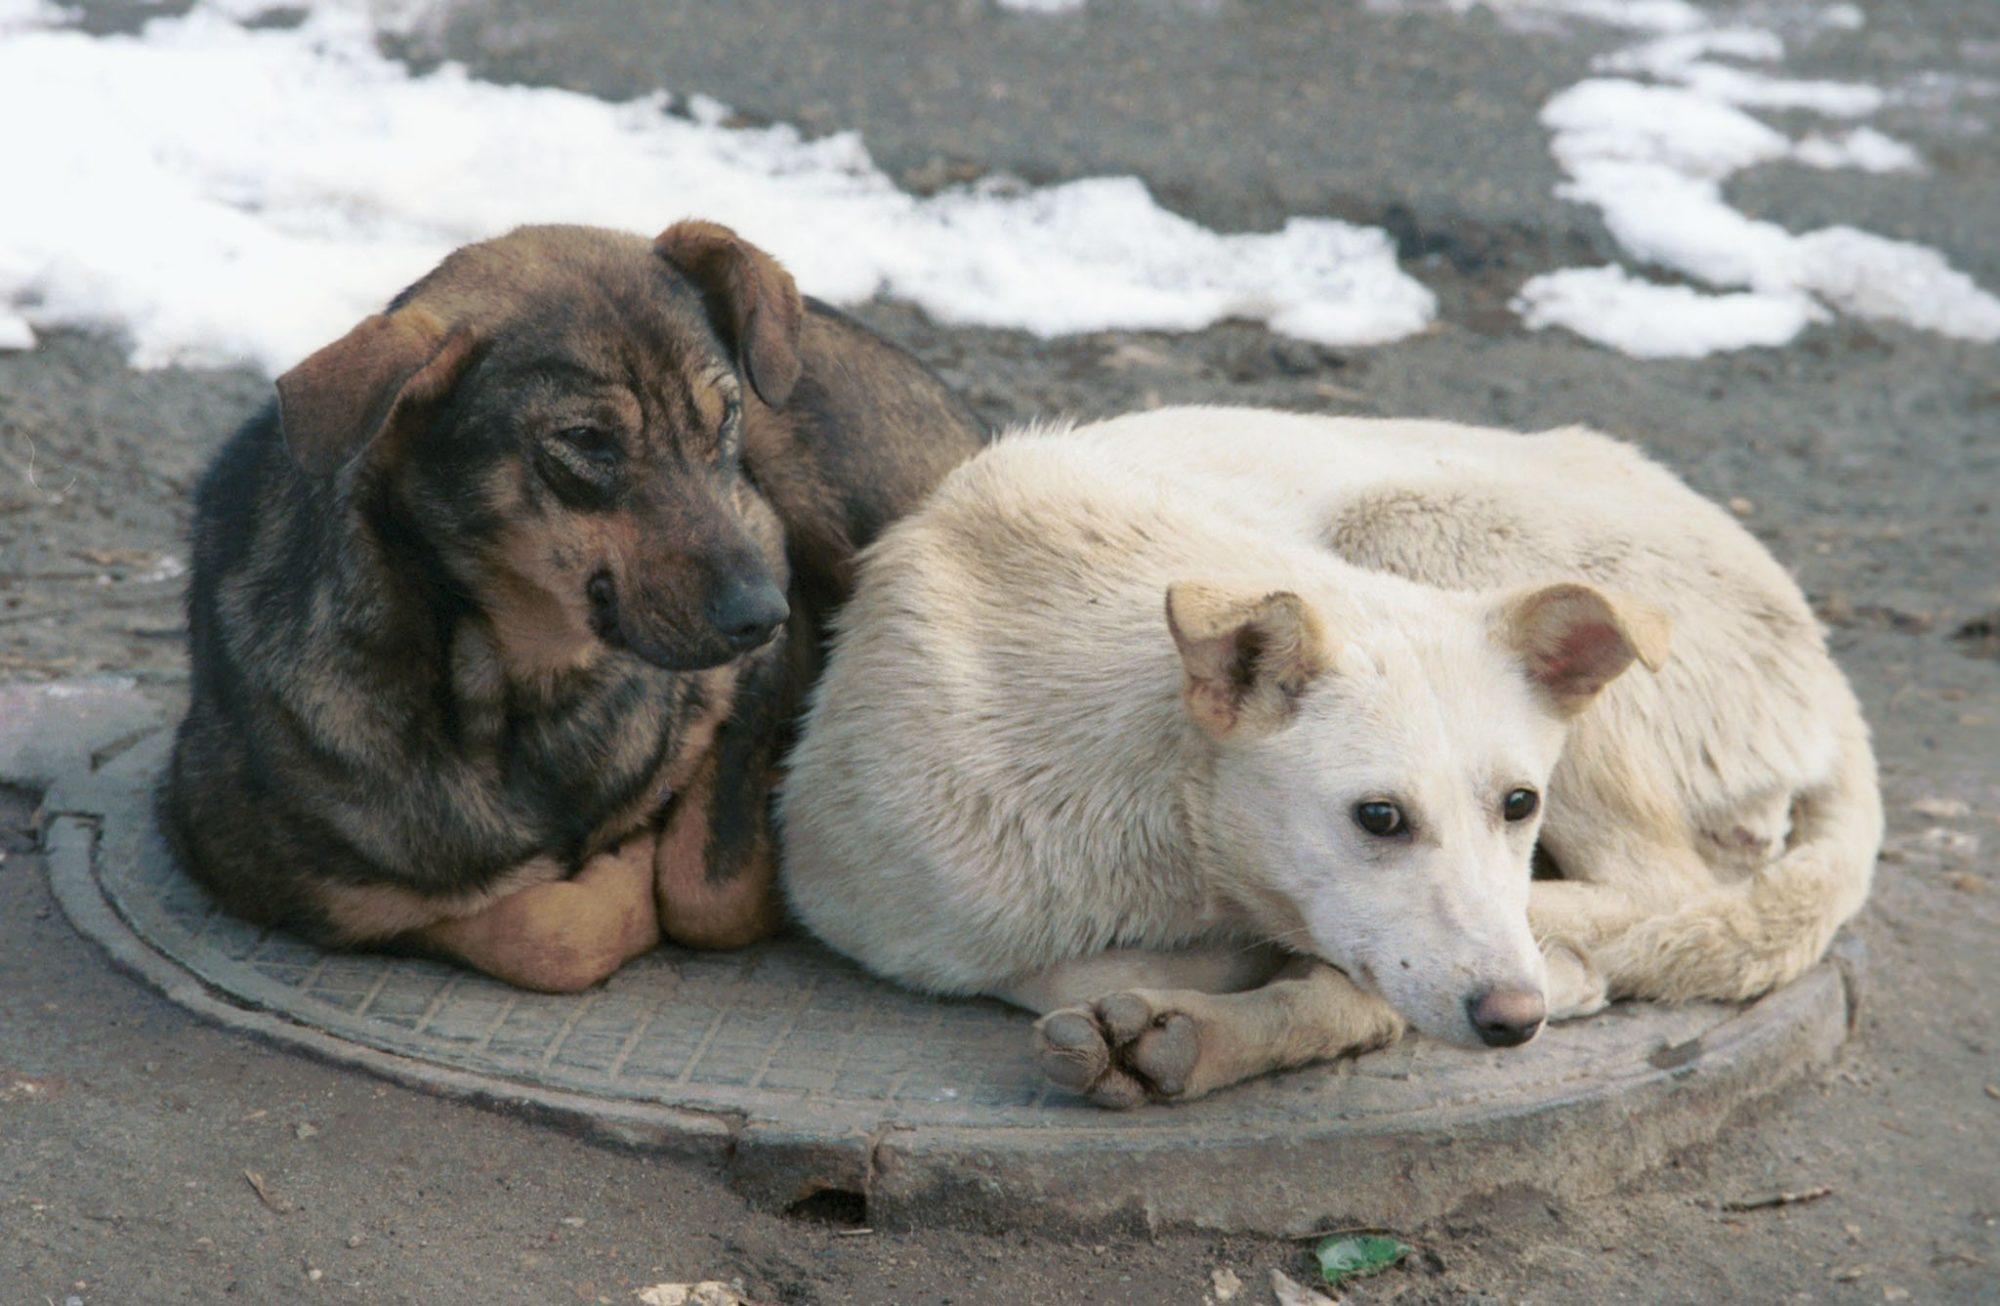 03_bezdomnye-2000x1306 Вони хочуть пережити цю зиму: з першим снігом тварини опинилися під загрозою смерті